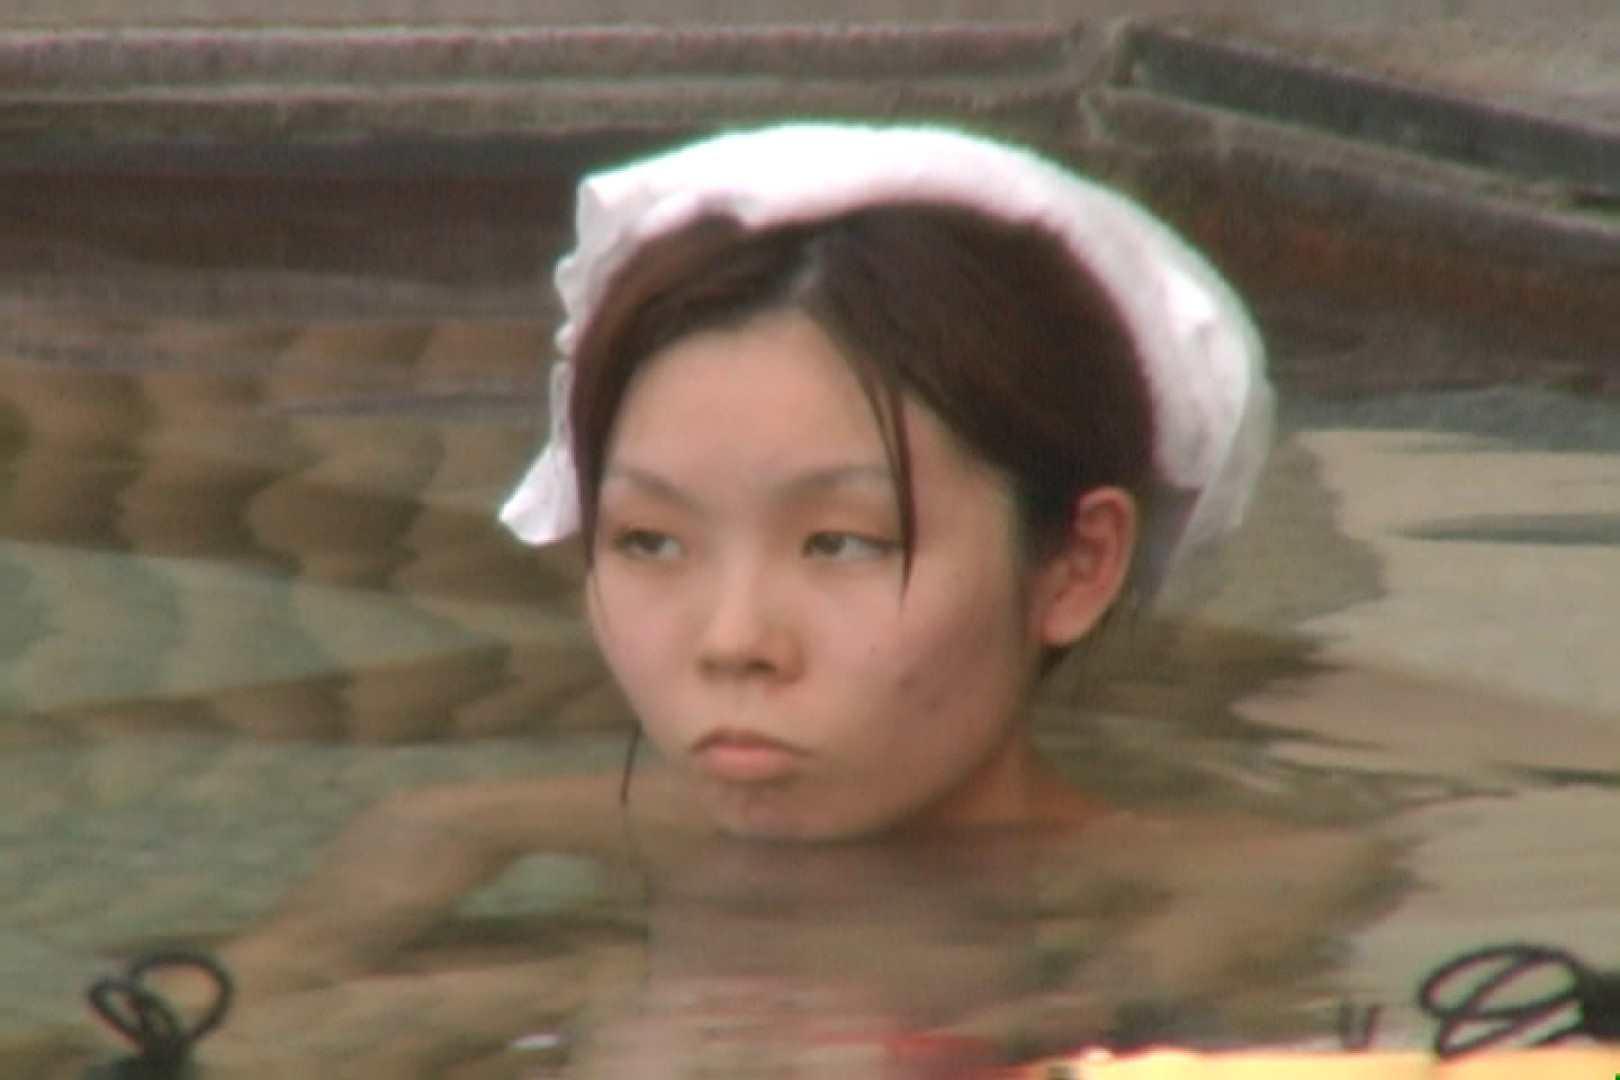 Aquaな露天風呂Vol.580 盗撮師作品 | 美しいOLの裸体  98pic 79